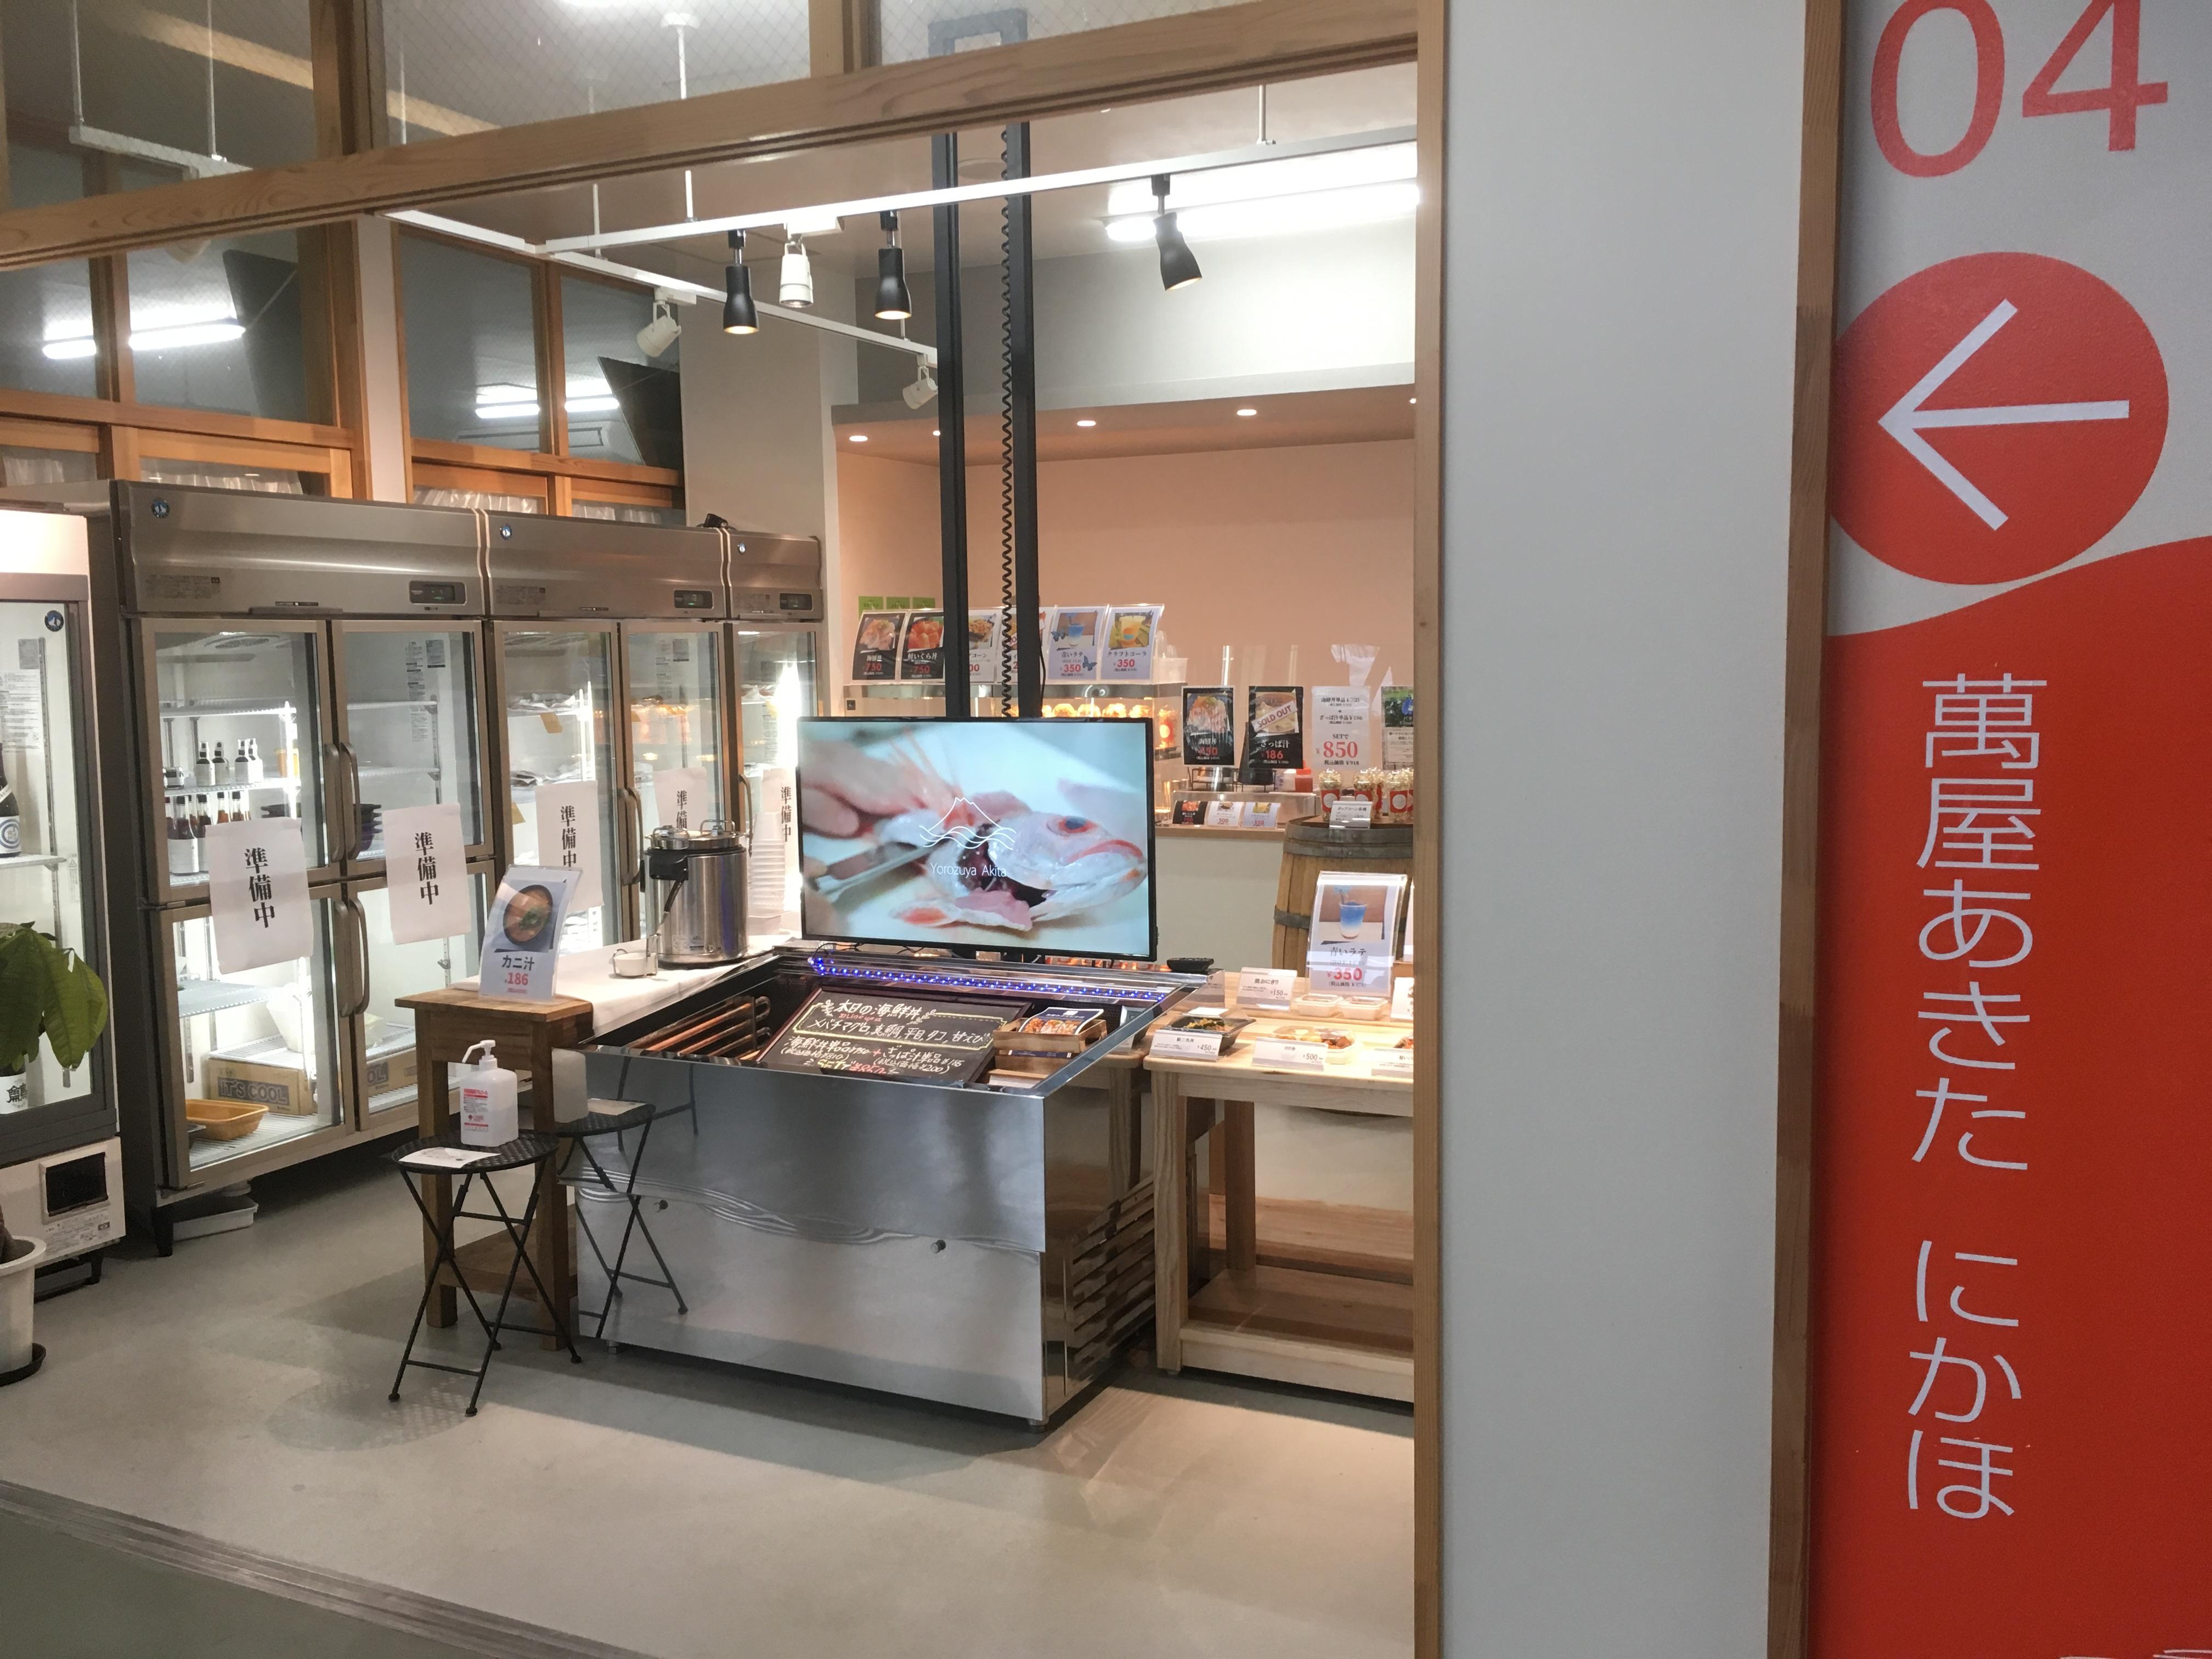 観光拠点センター「にかほっと」内に新店舗オープン!